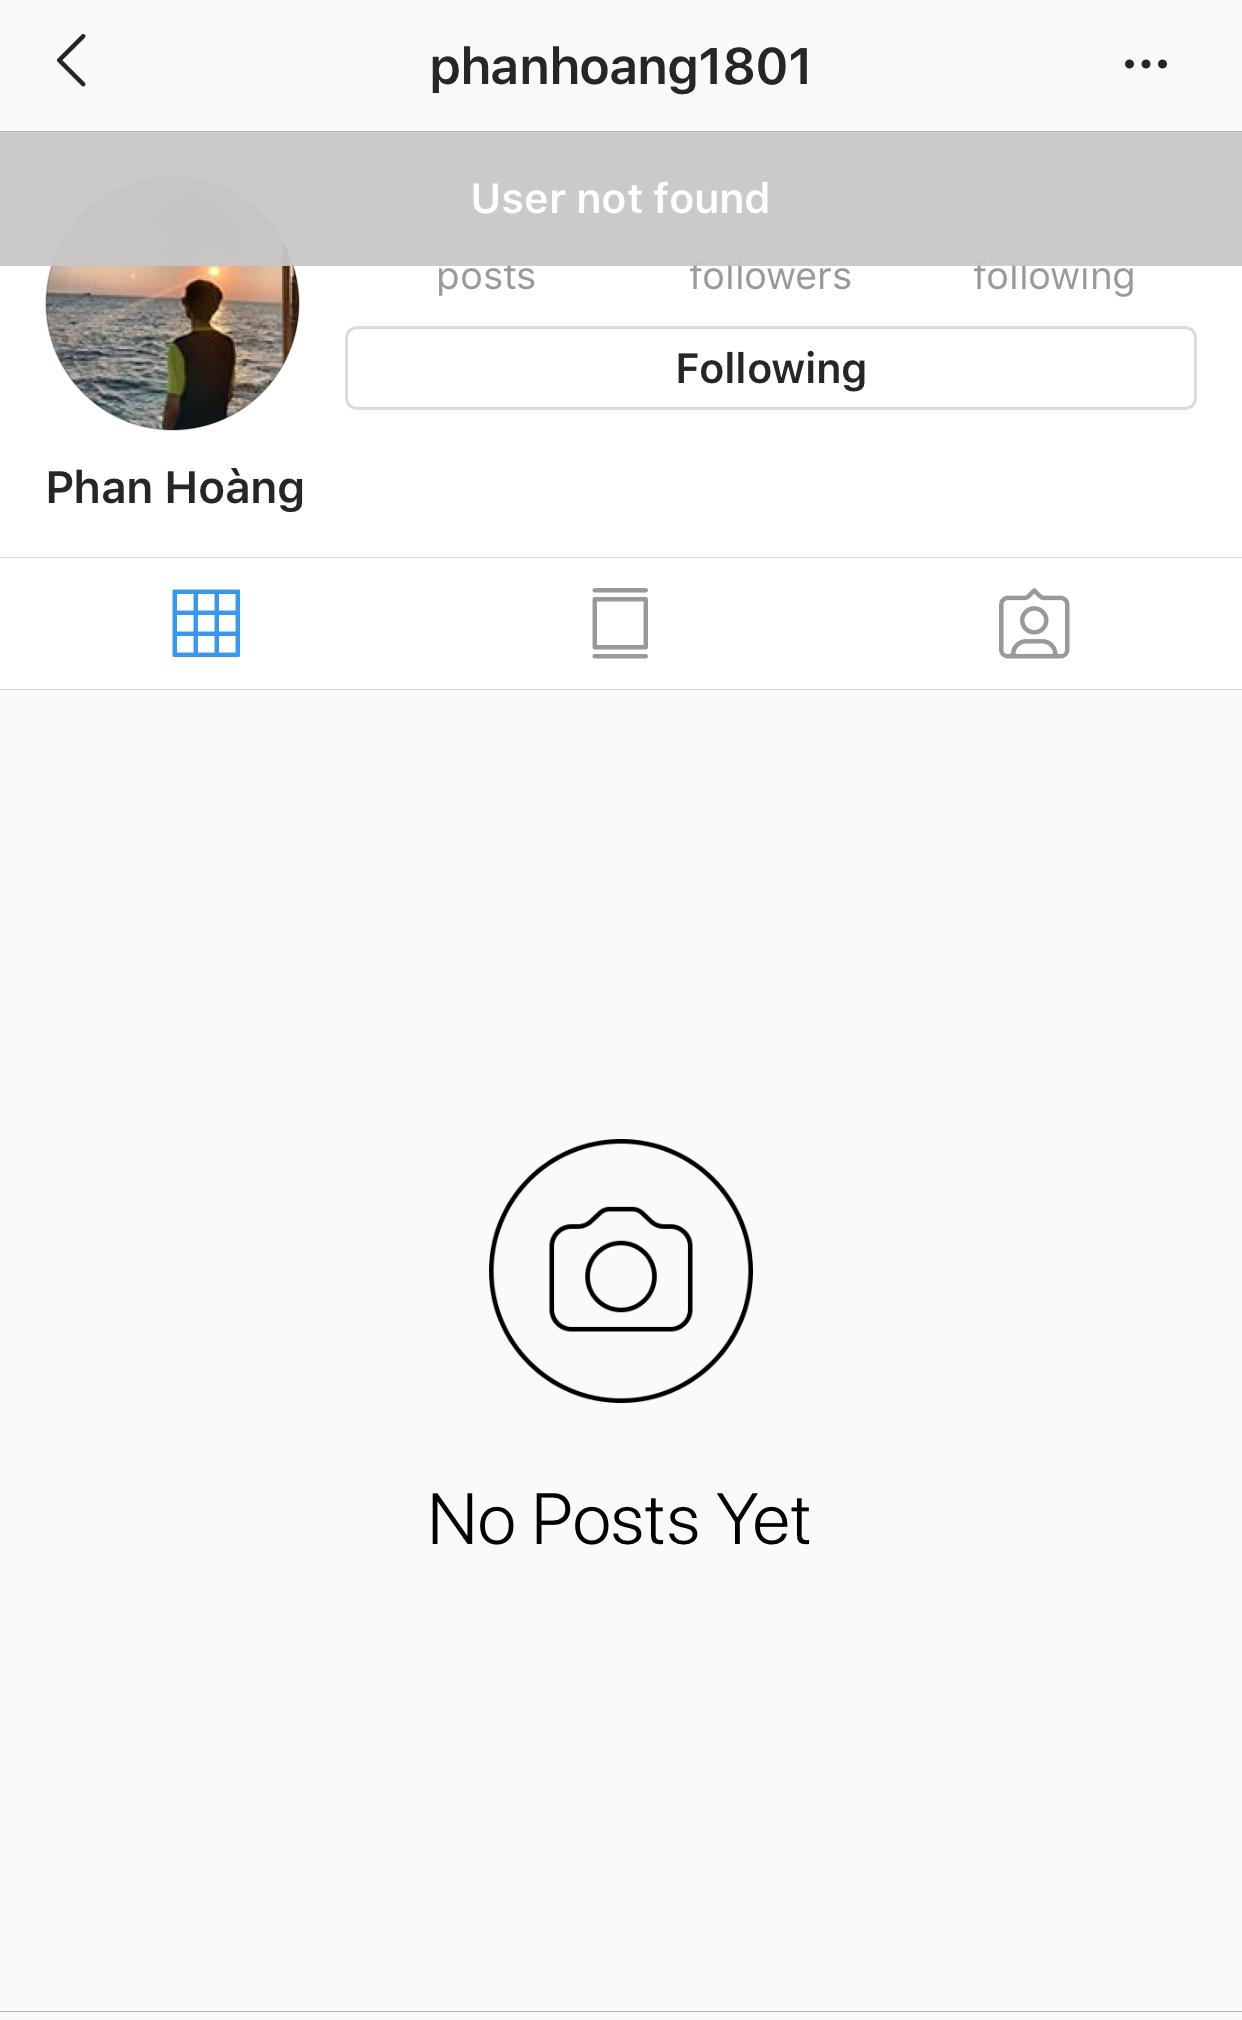 Giữa nghi vấn chia tay, Phan Hoàng liên tục đăng stories buồn bã, tự nhận mình bị rối loạn cảm xúc - Ảnh 5.